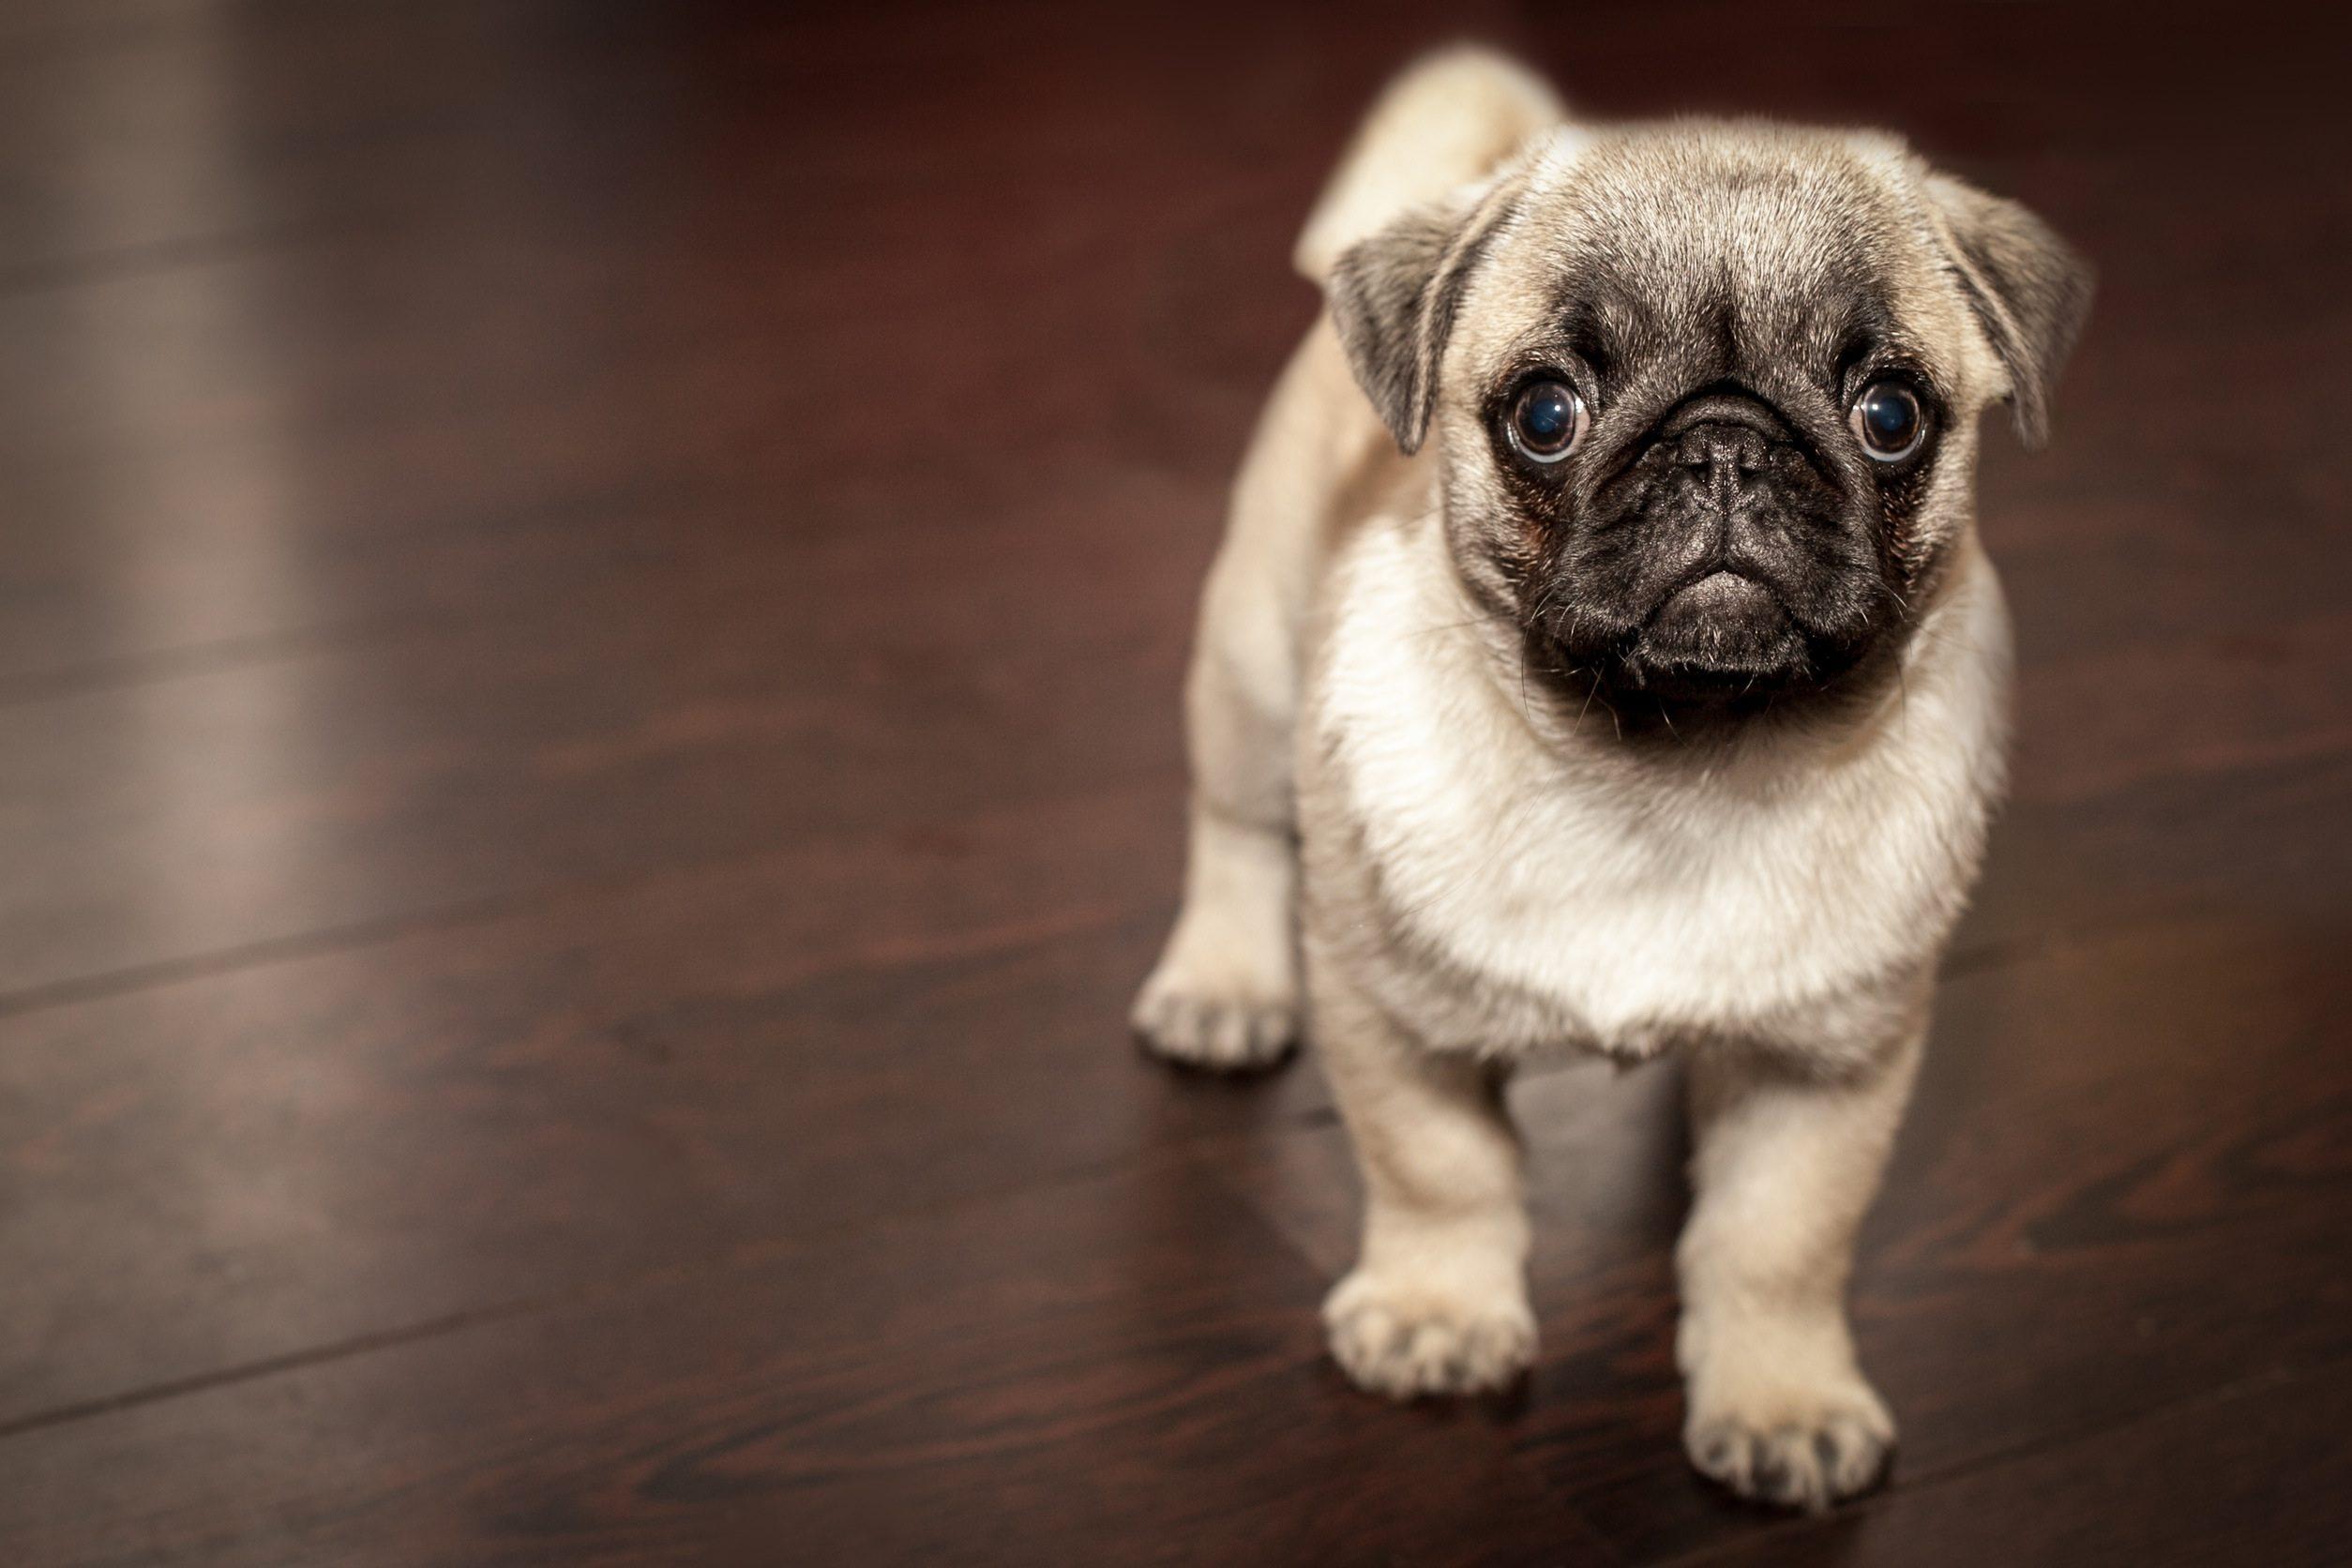 pug, perro, cachorro, lindo, mirada - Fondos de Pantalla HD - professor-falken.com